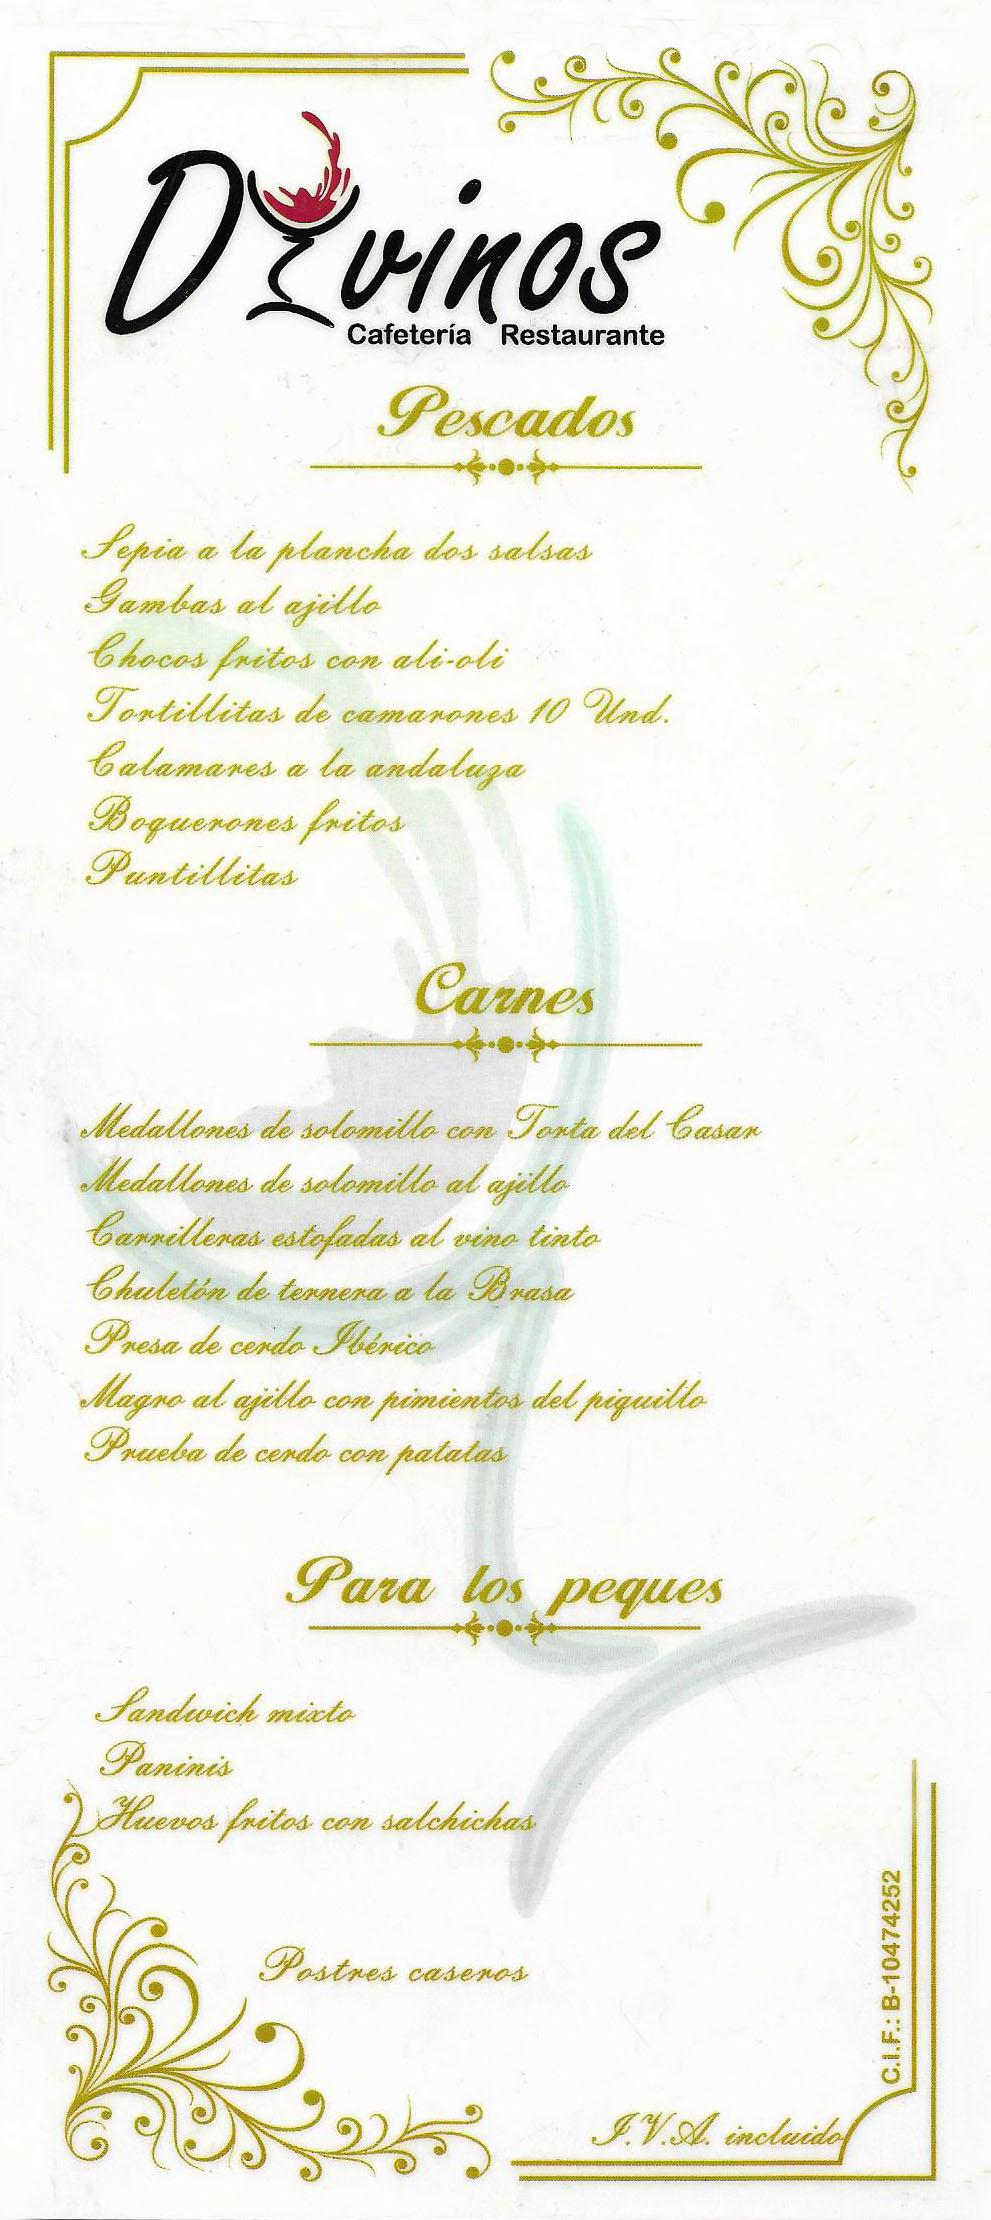 RESTAURANTE CAFETERIA CACERES DIVINOS – ESTACION DE AUTOBUSES